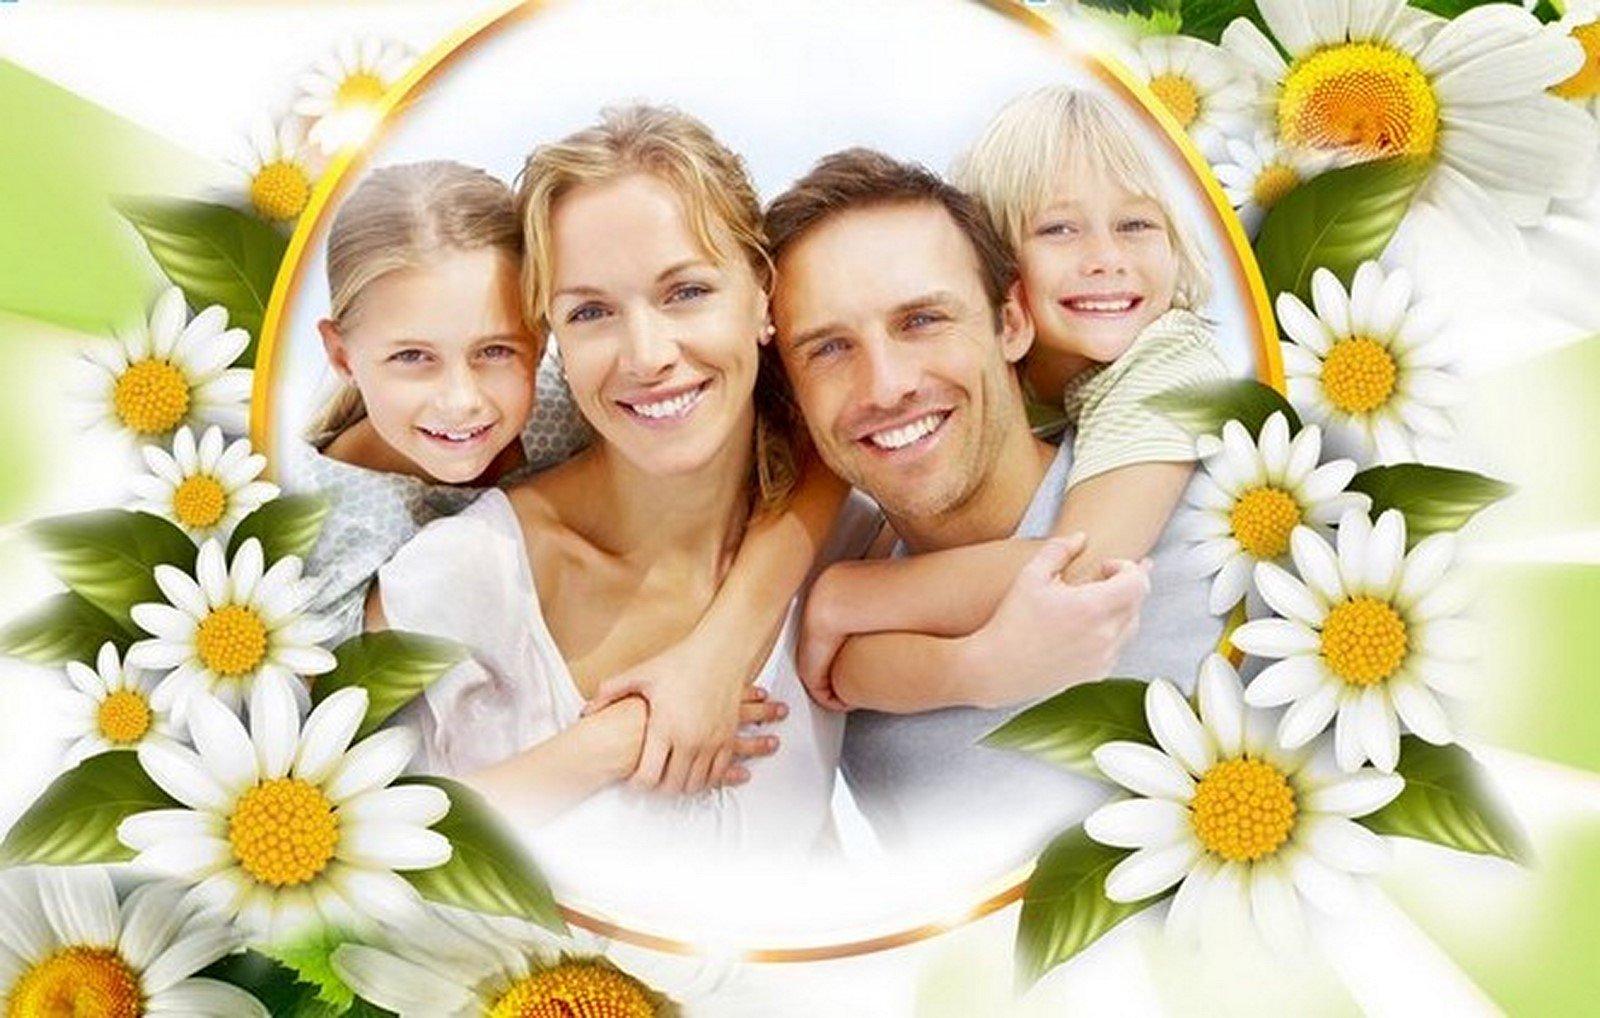 Картинках новые, счастливая семья открытка